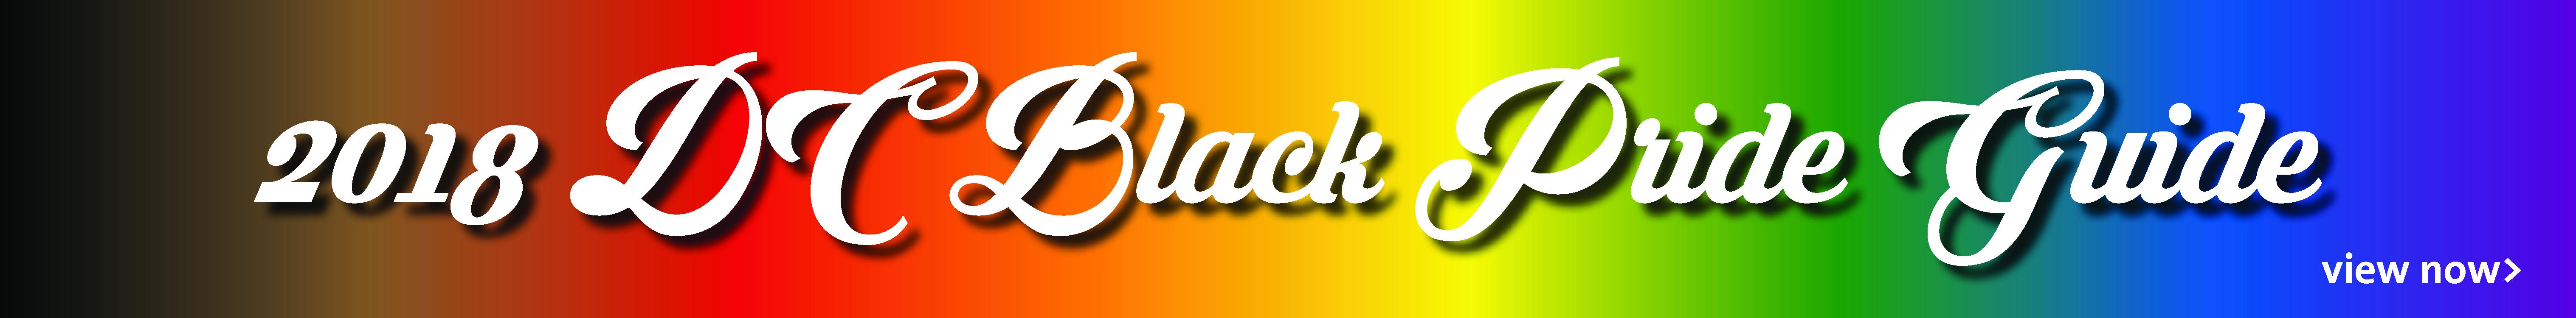 DC Black Pride Guide 2018